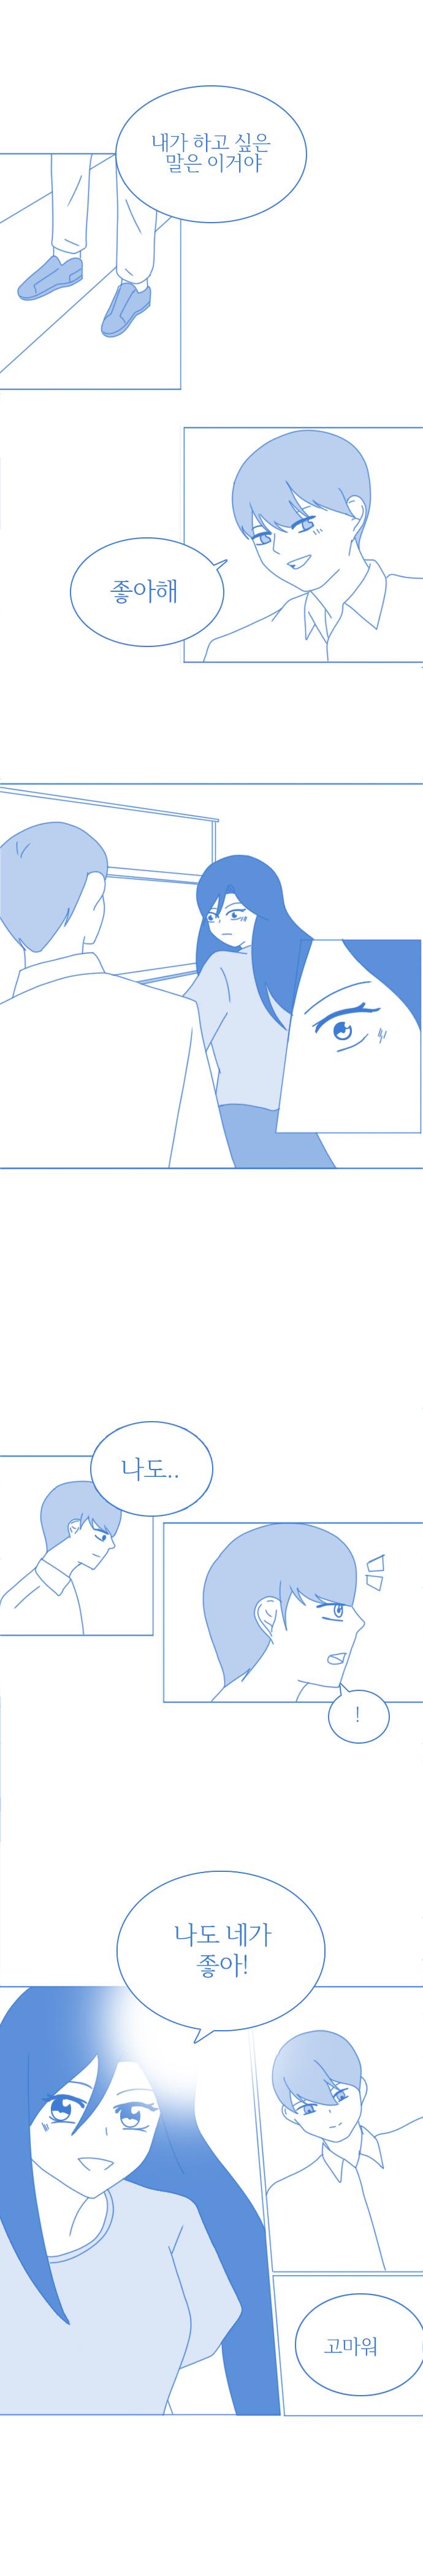 대사어뵤는 만화 20 정답 발표